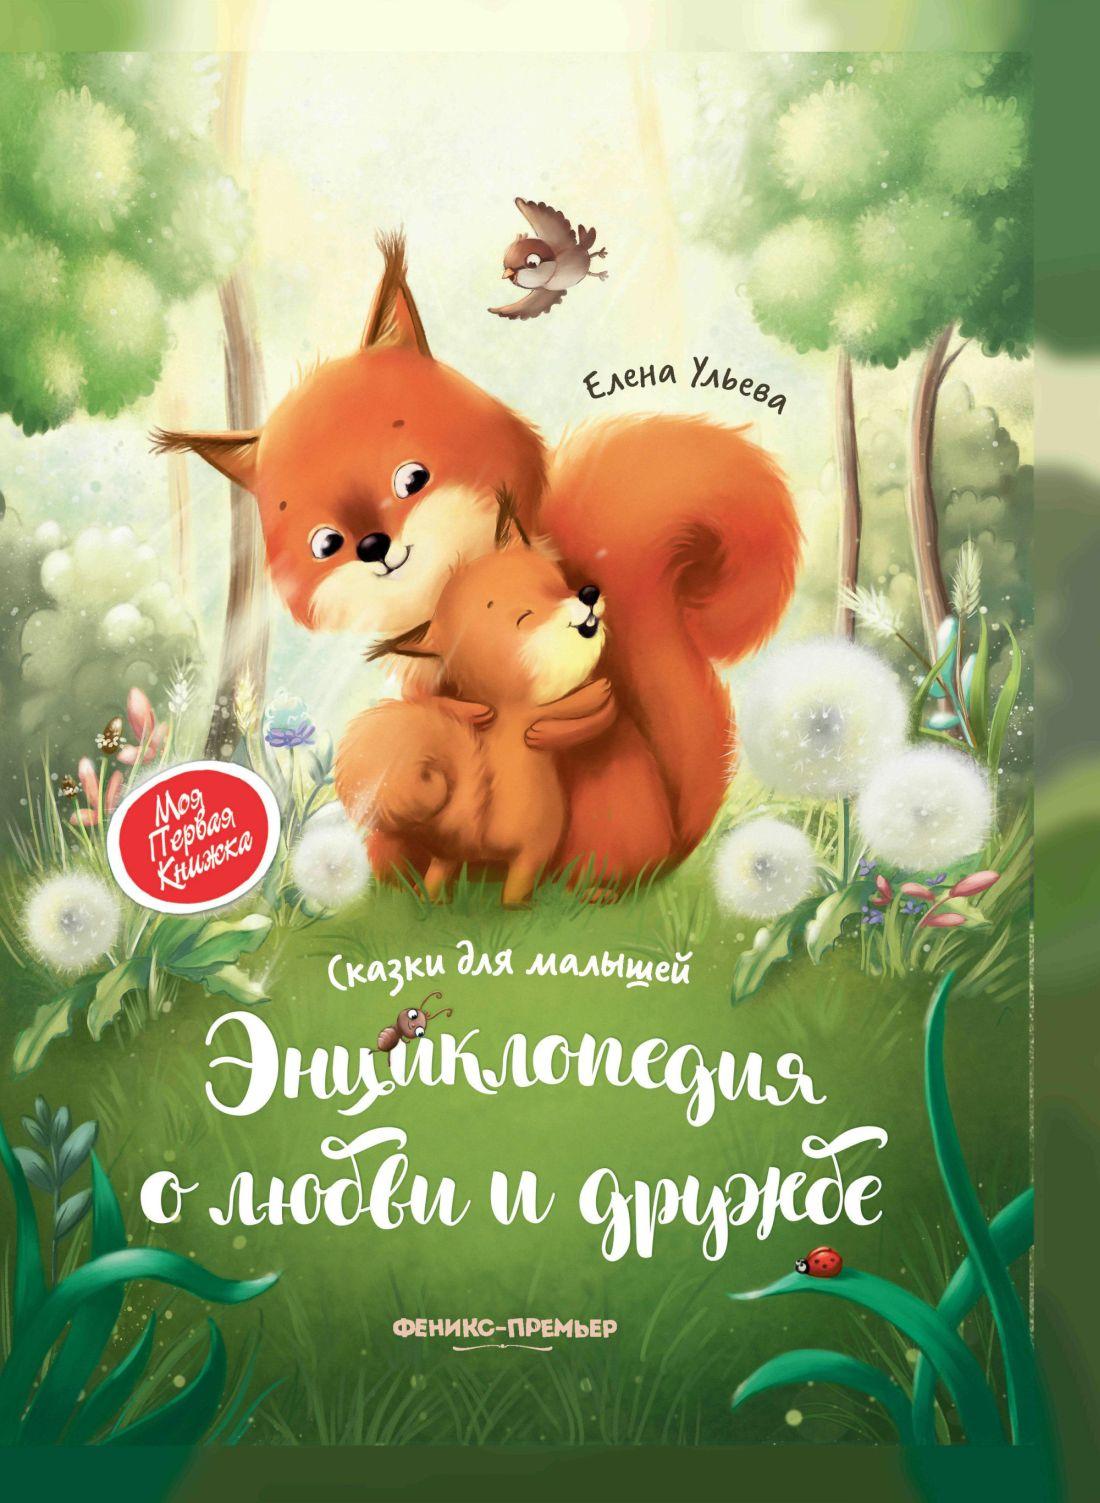 Энциклопедия о любви и дружбе: Сказки для малышей